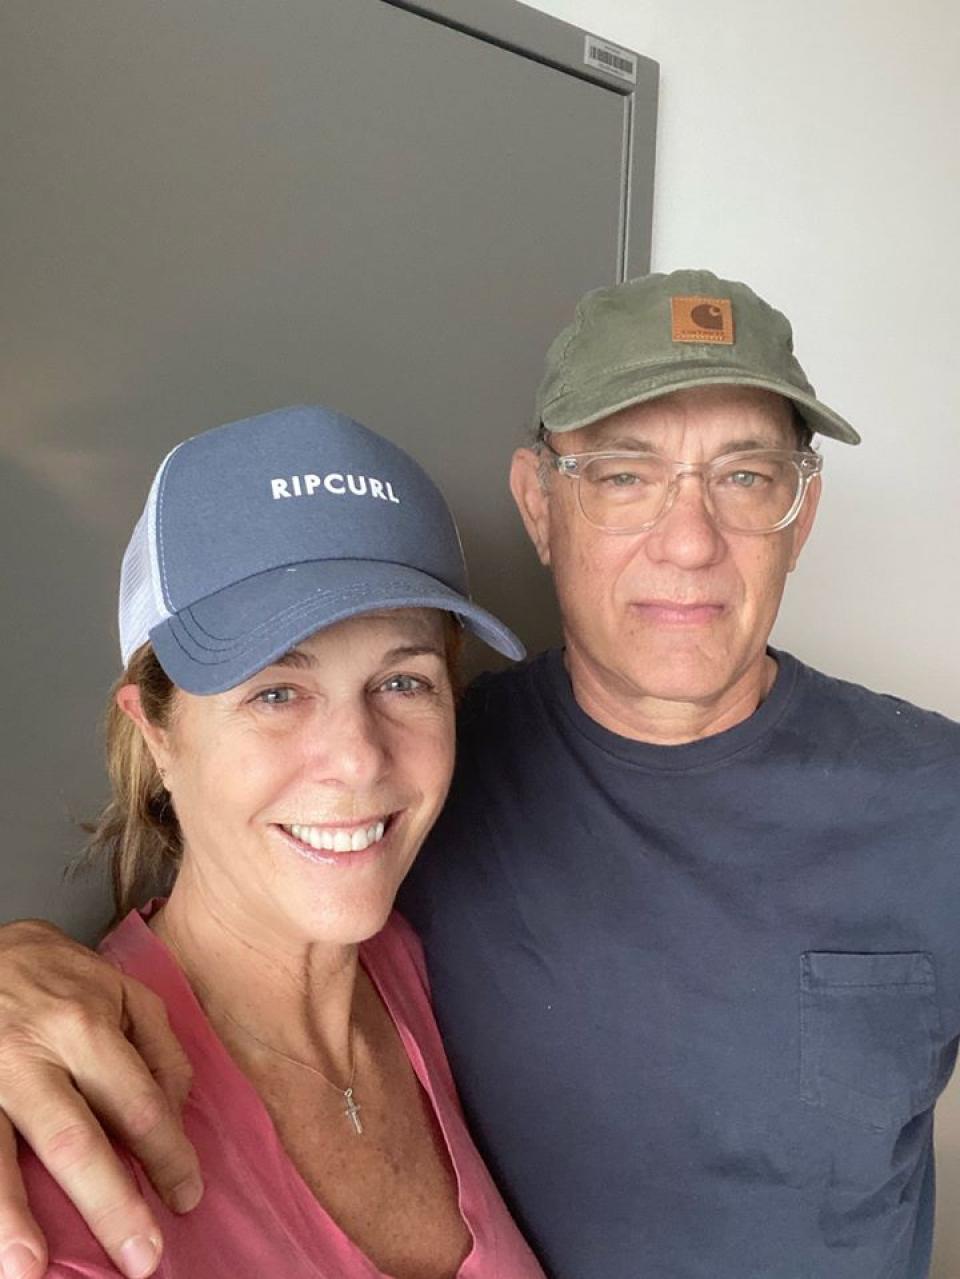 Tom Hanks şi soţia sa, actriţa Rita Wilson, au donat sânge pentru un studiu. Foto Facebook